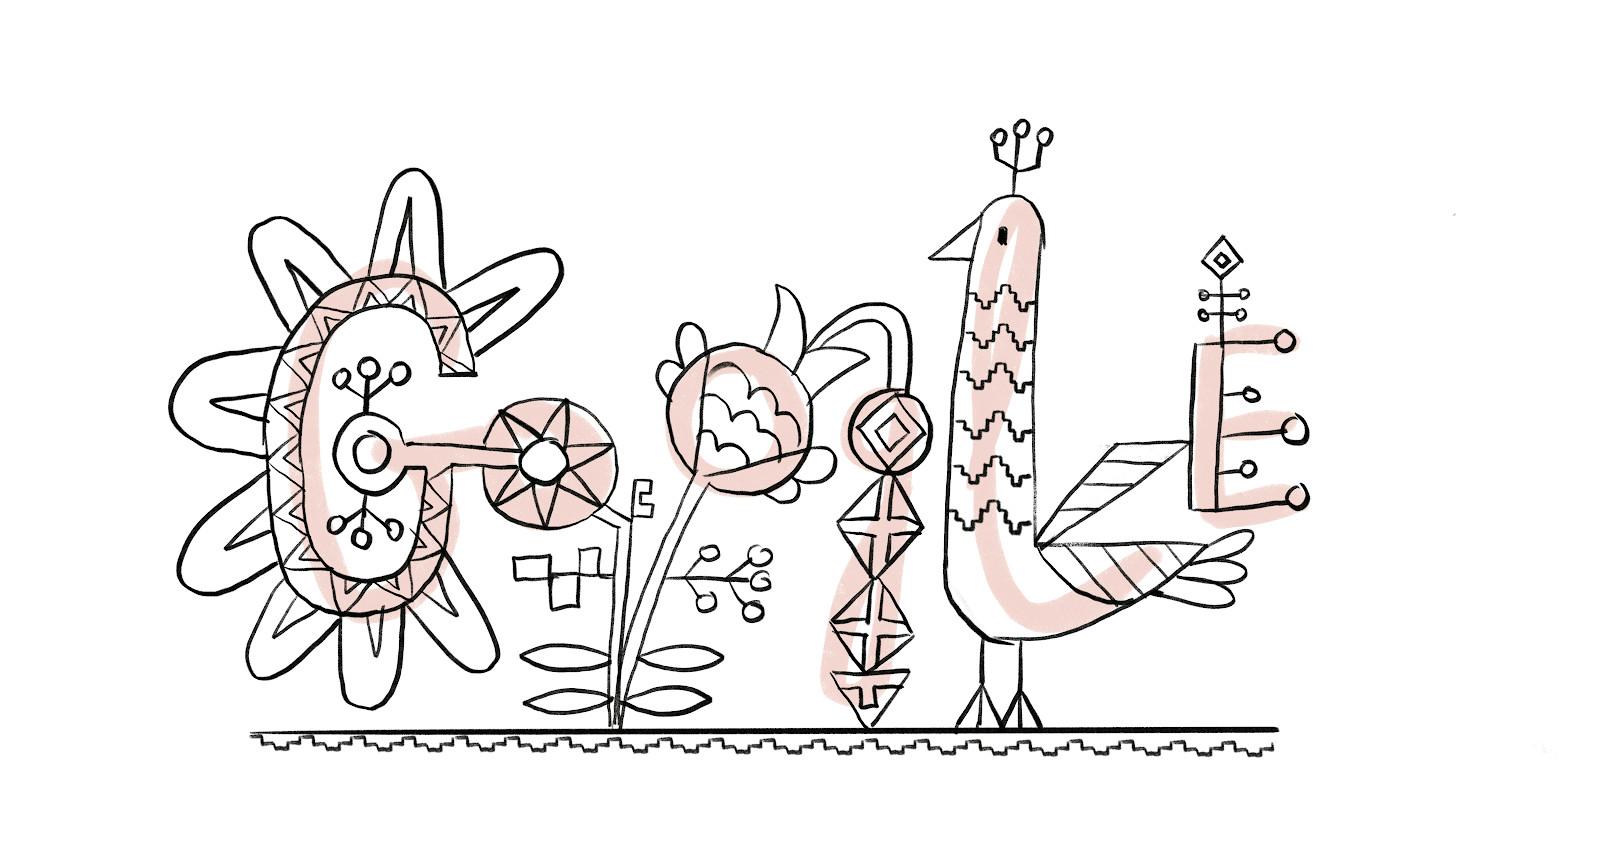 Эскиз дудла, посвященного Международному дню вышиванки